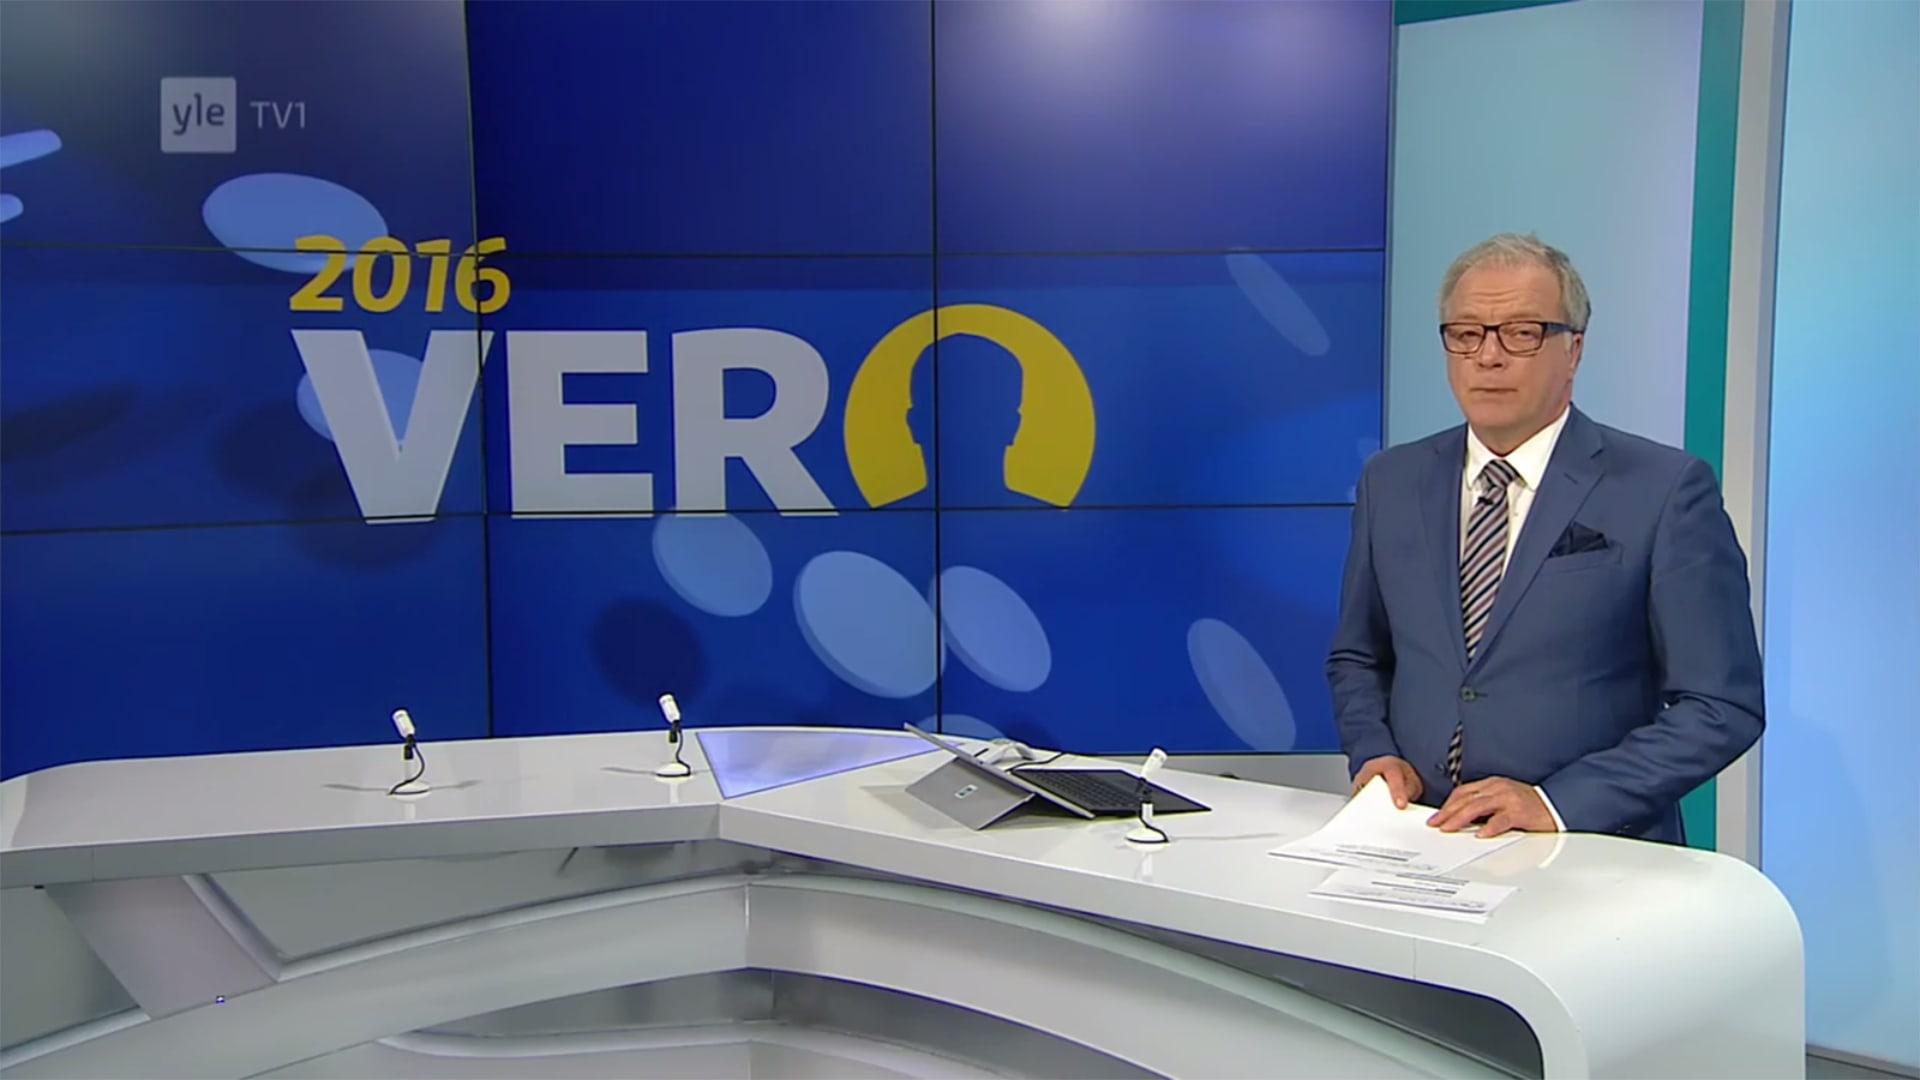 Yle Uutiset Tv